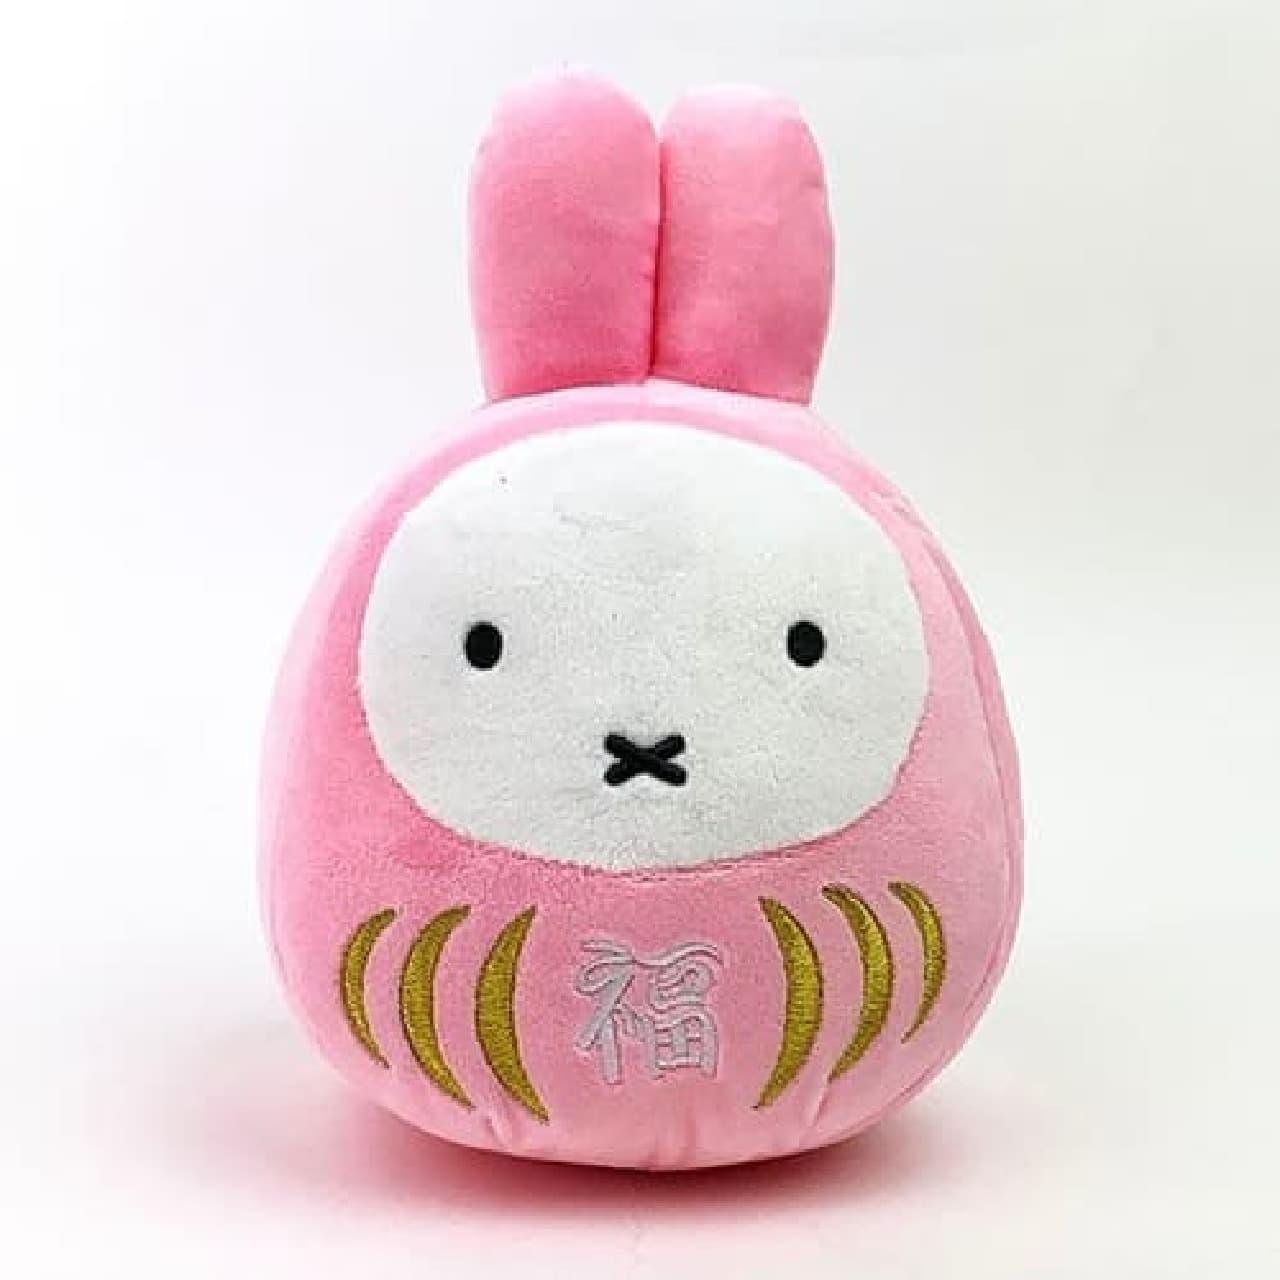 お正月インテリアに♪ 可愛い桜色のミッフィー福だるま